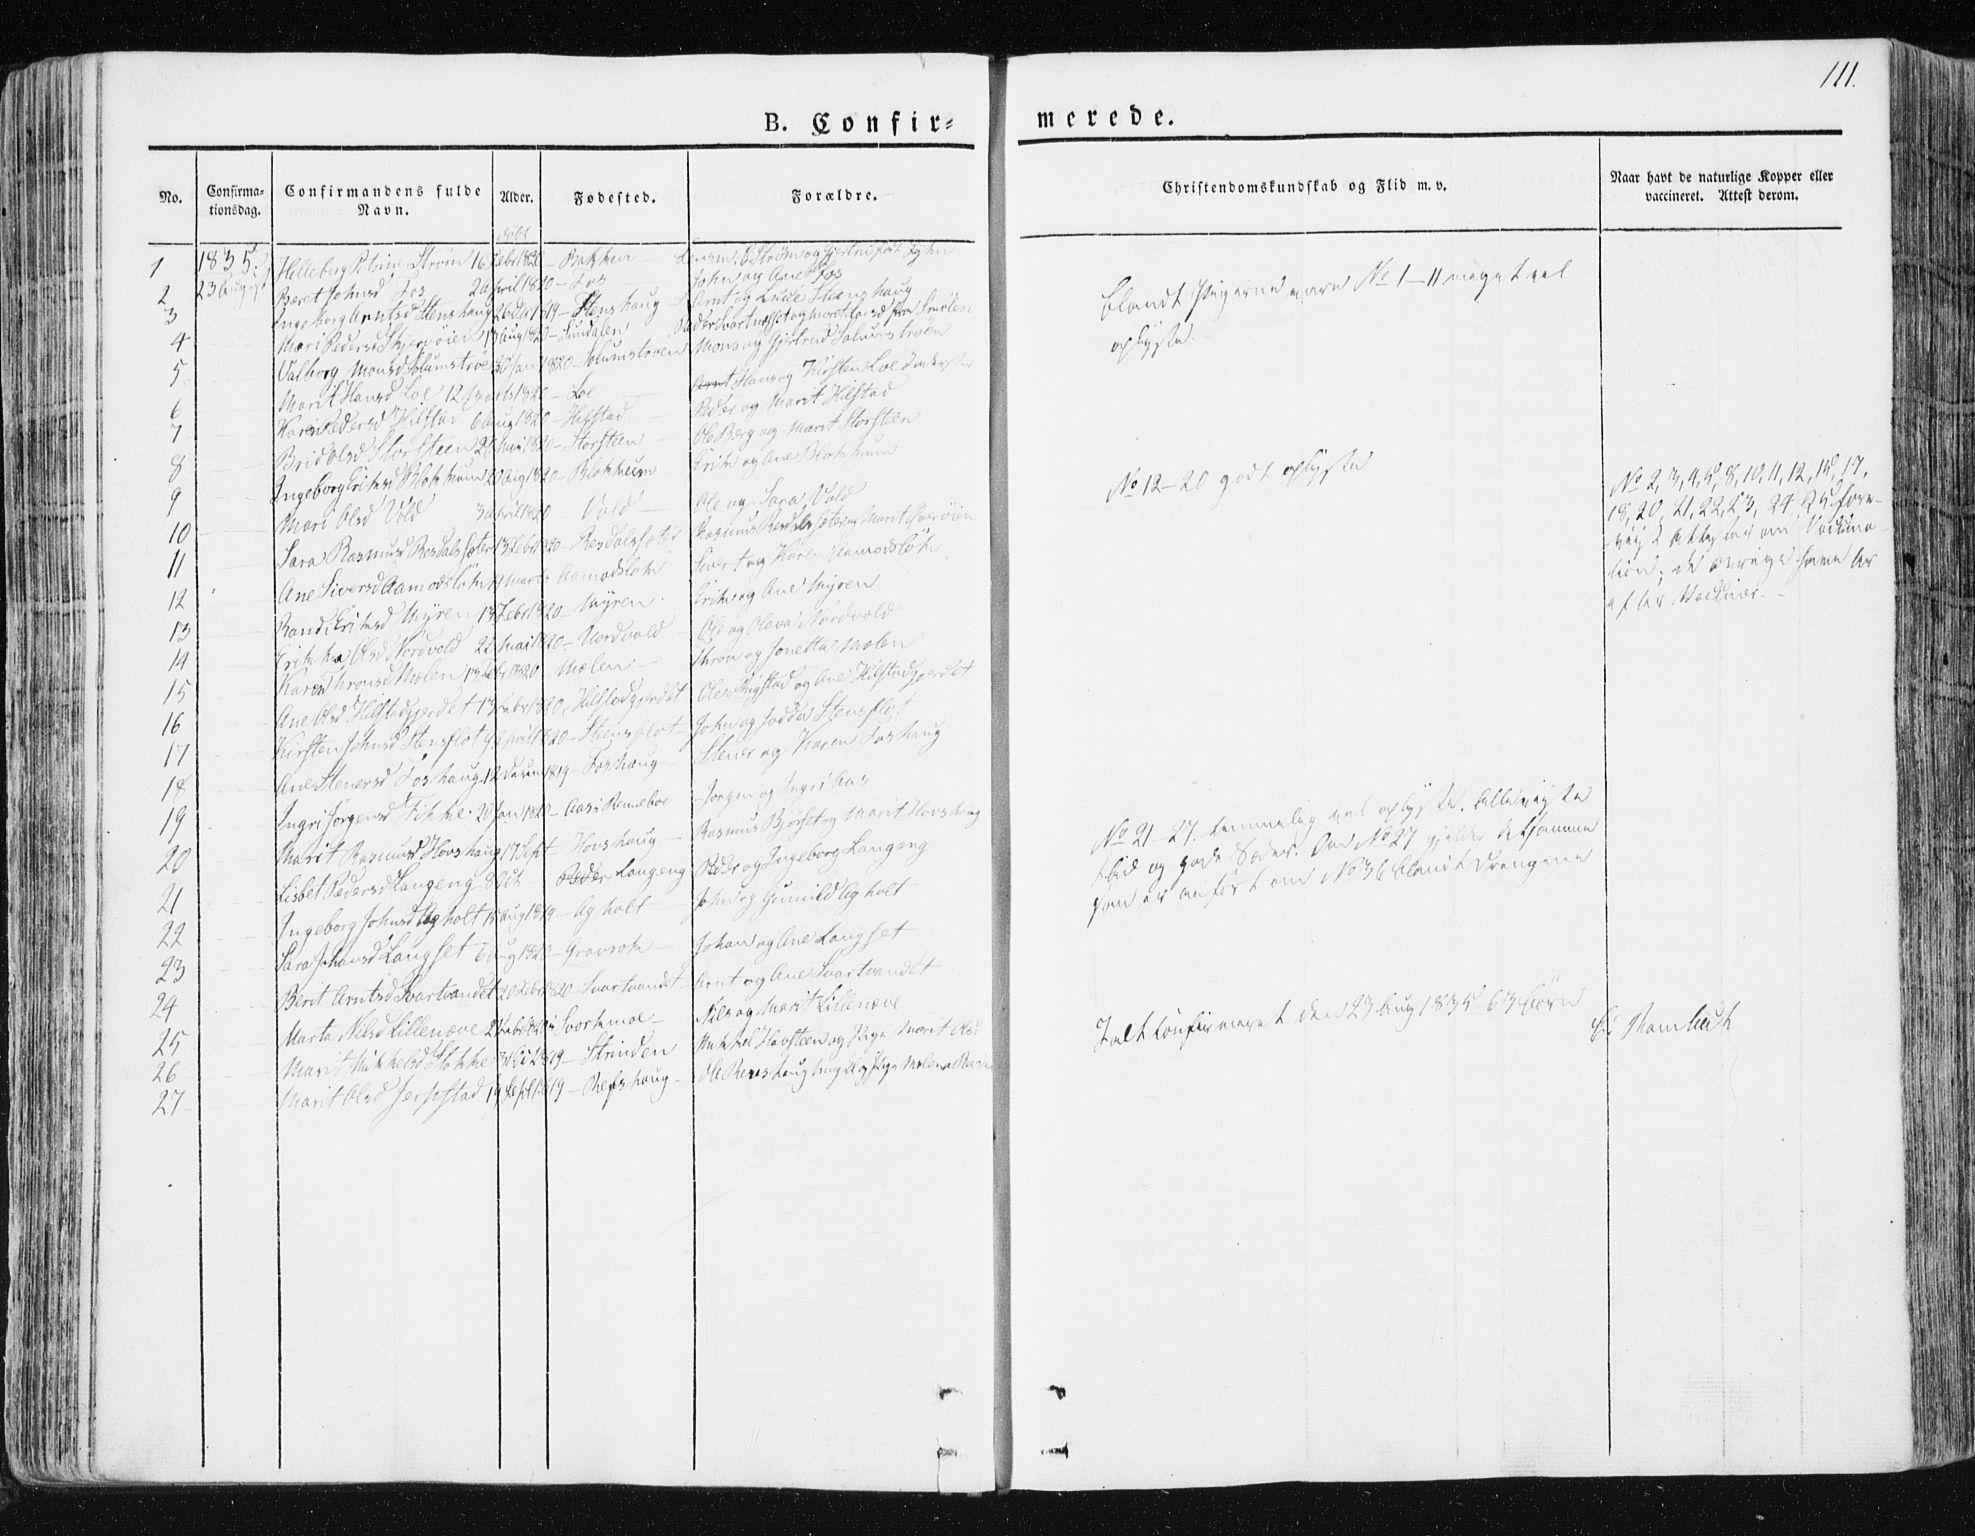 SAT, Ministerialprotokoller, klokkerbøker og fødselsregistre - Sør-Trøndelag, 672/L0855: Ministerialbok nr. 672A07, 1829-1860, s. 111